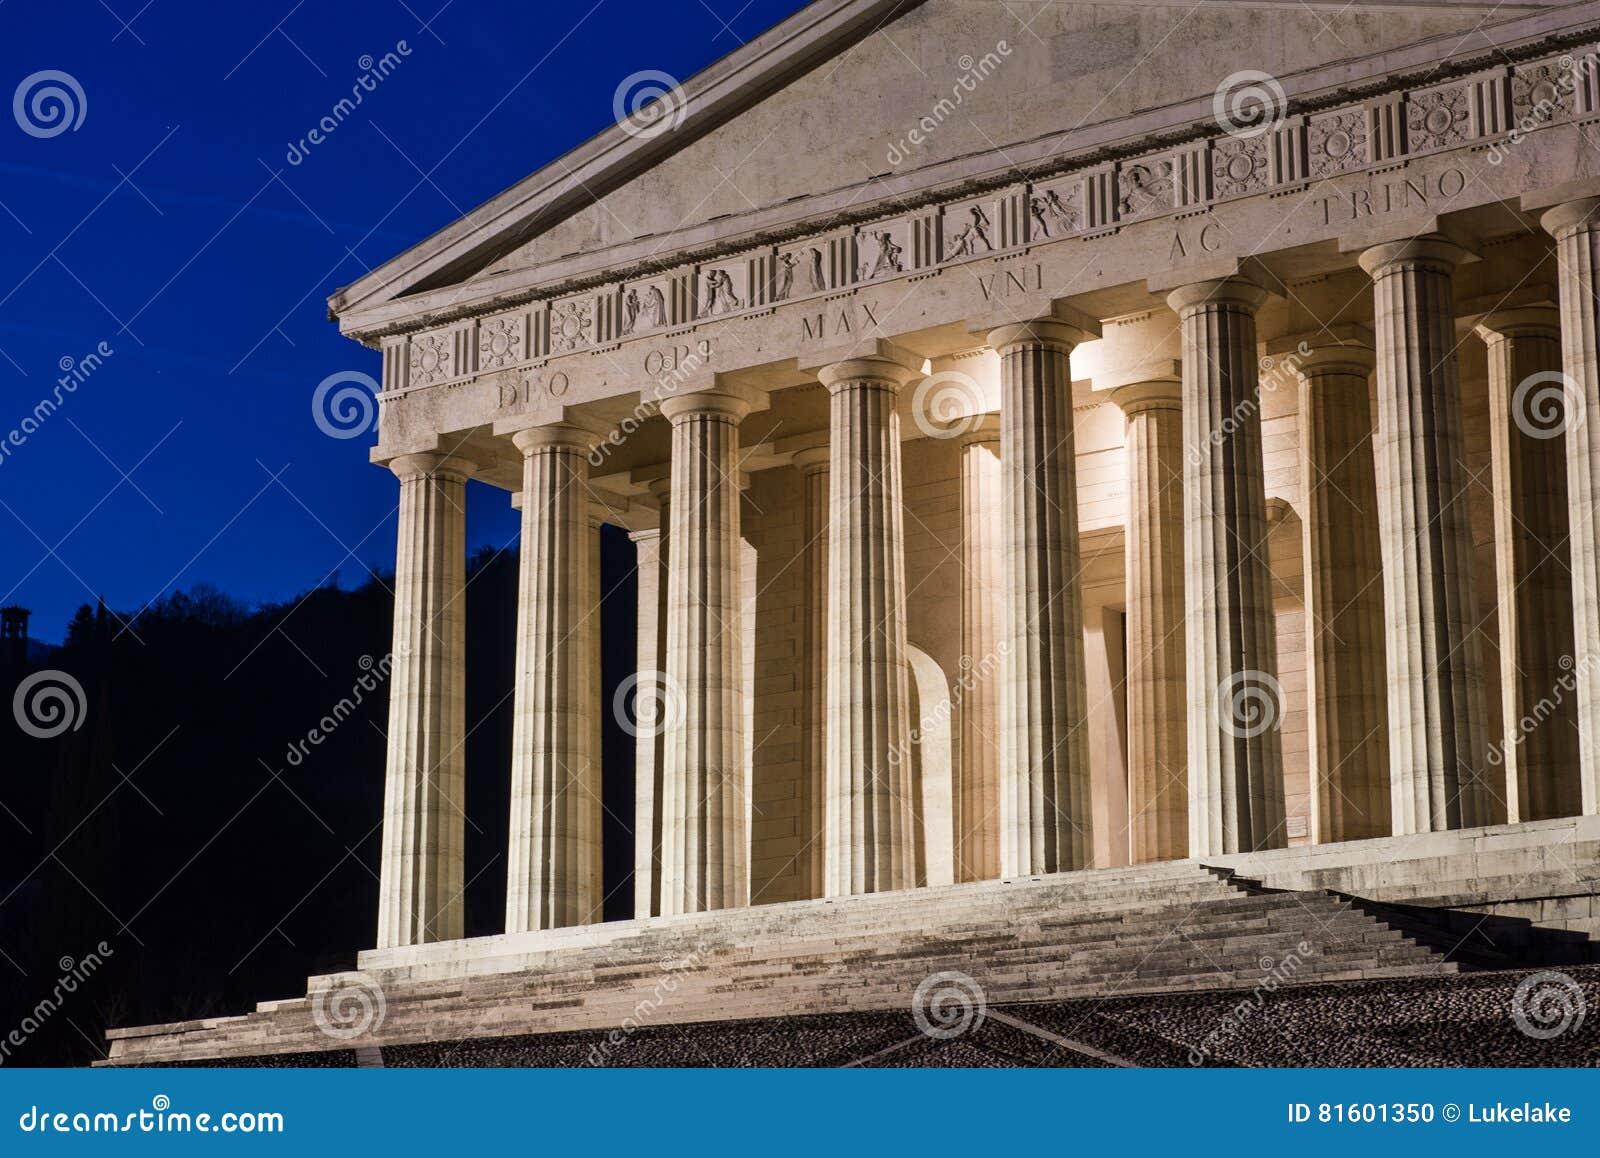 Tempio cristiano da antonio canova architettura religiosa for Esterno pantheon